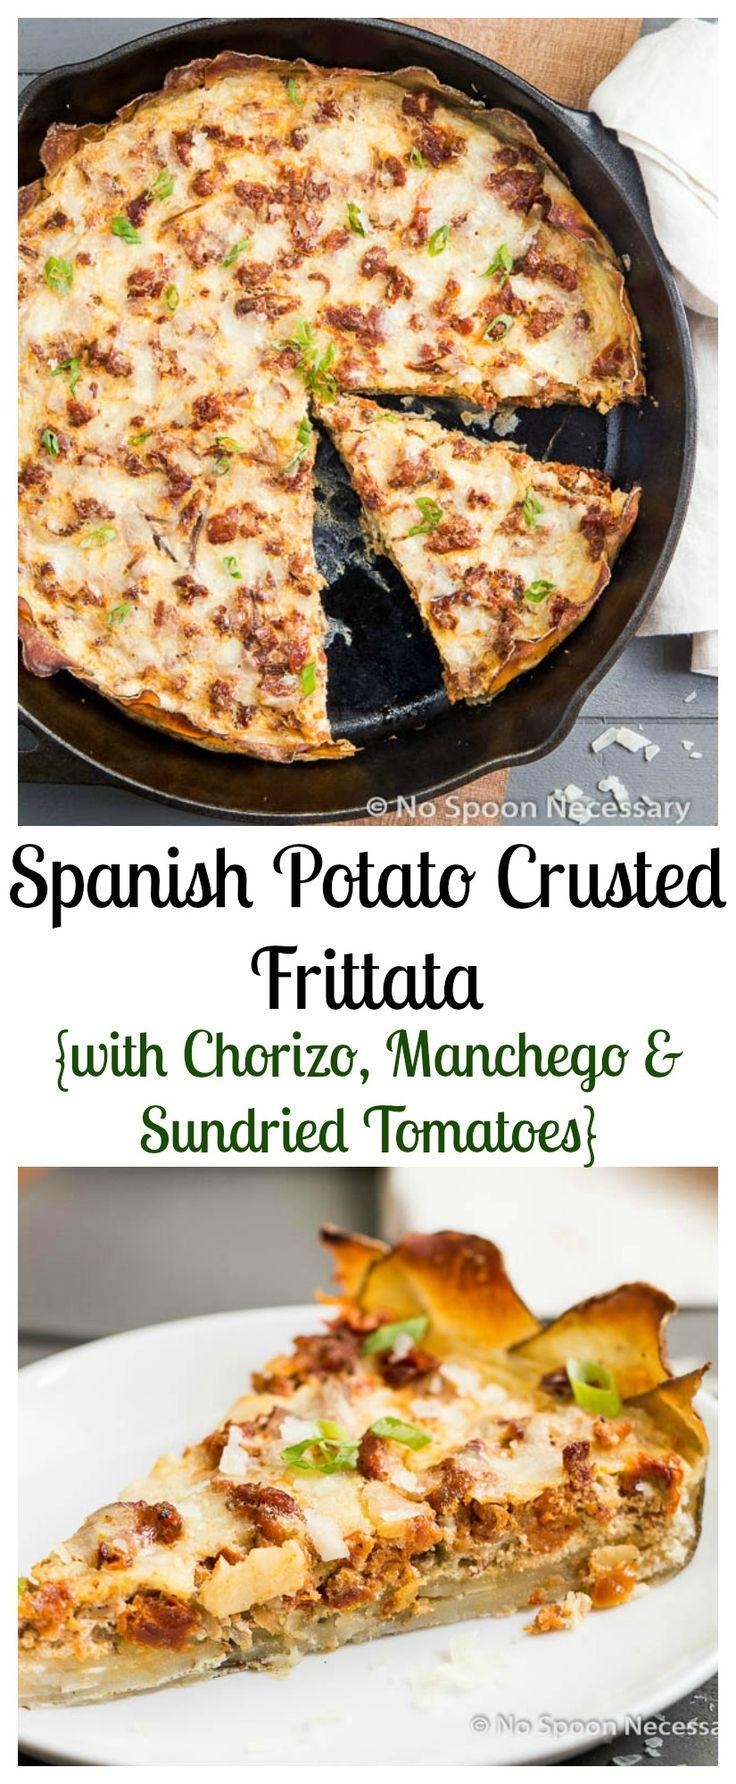 Spanish Potato Crusted Frittata with Chorizo, Manchego & Sundried Tomatoes.  Brunch Done Elegantly!